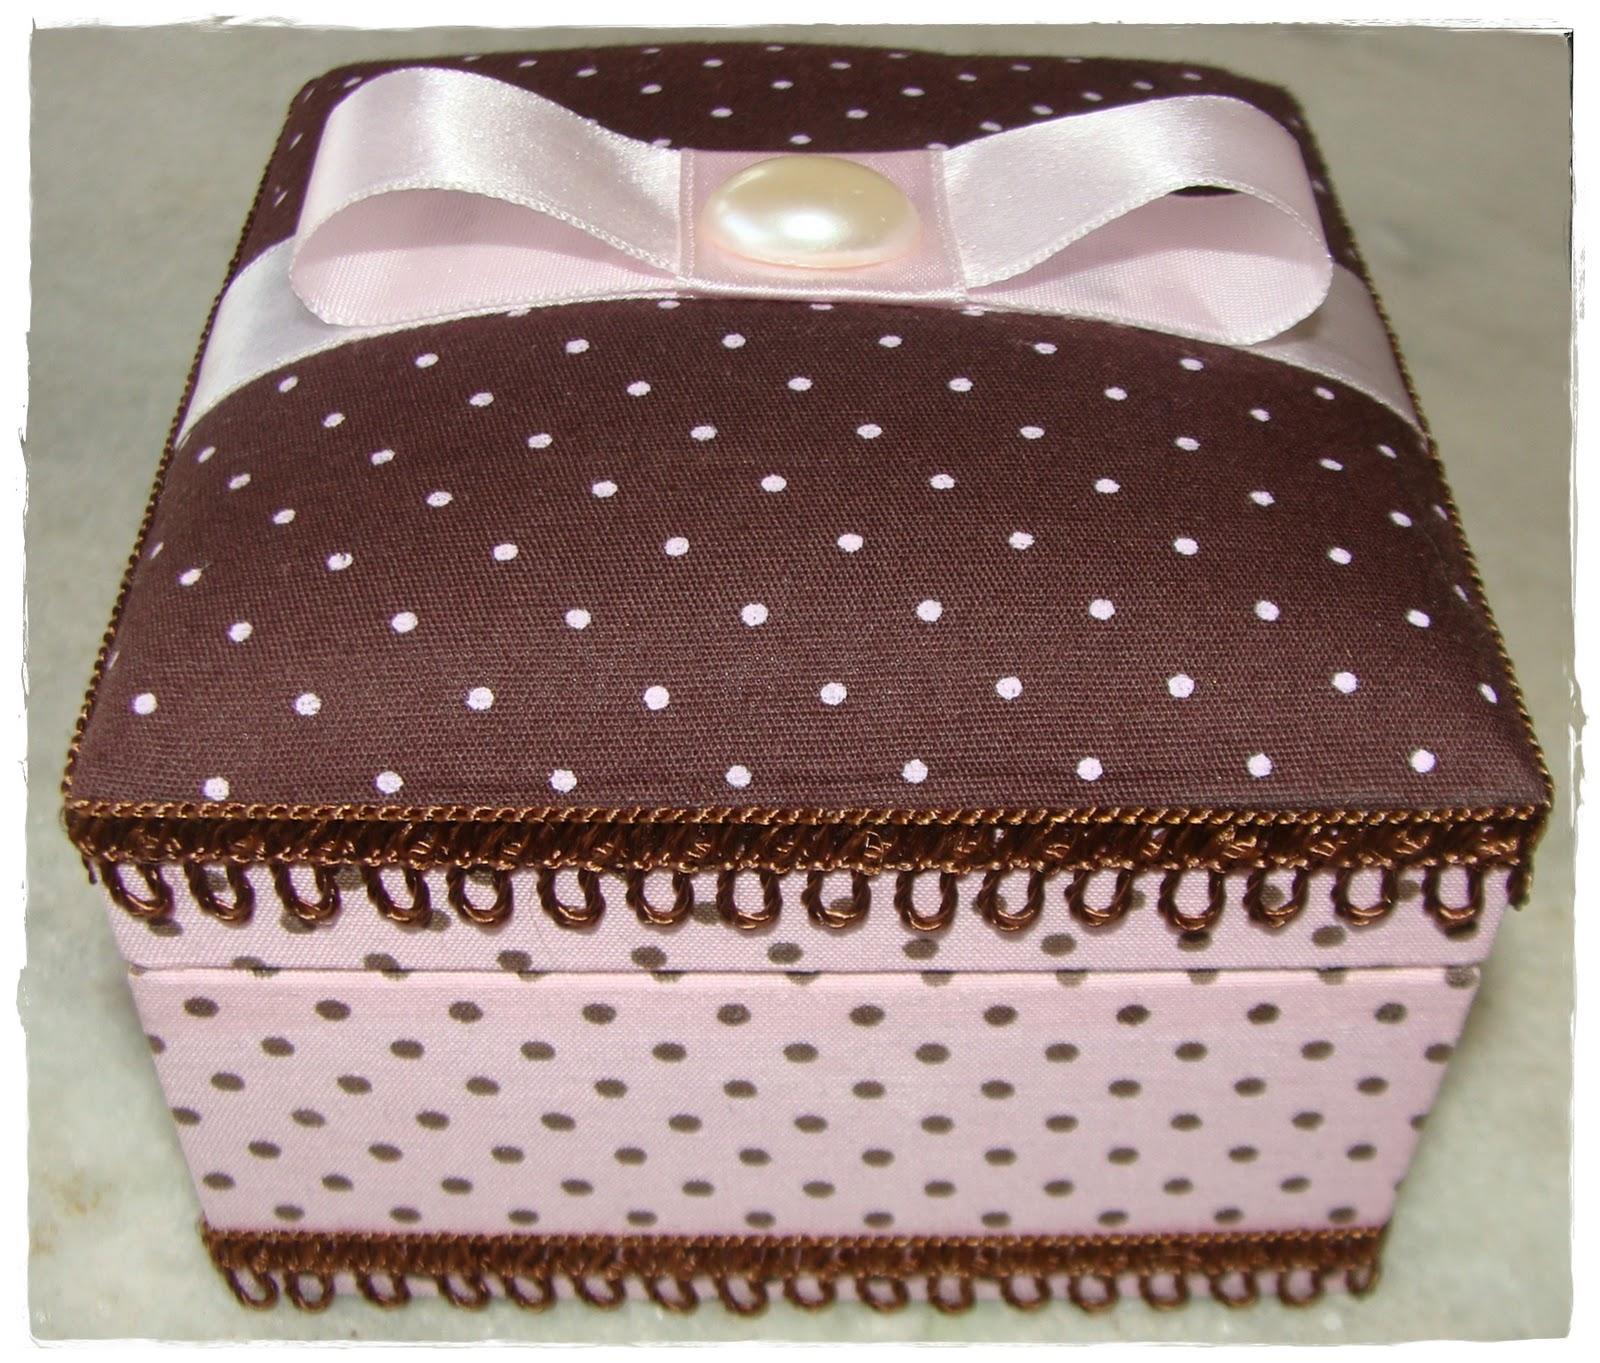 Lembrancinhas e Festas: Como forrar caixa de MDF com tecido #442722 1600x1363